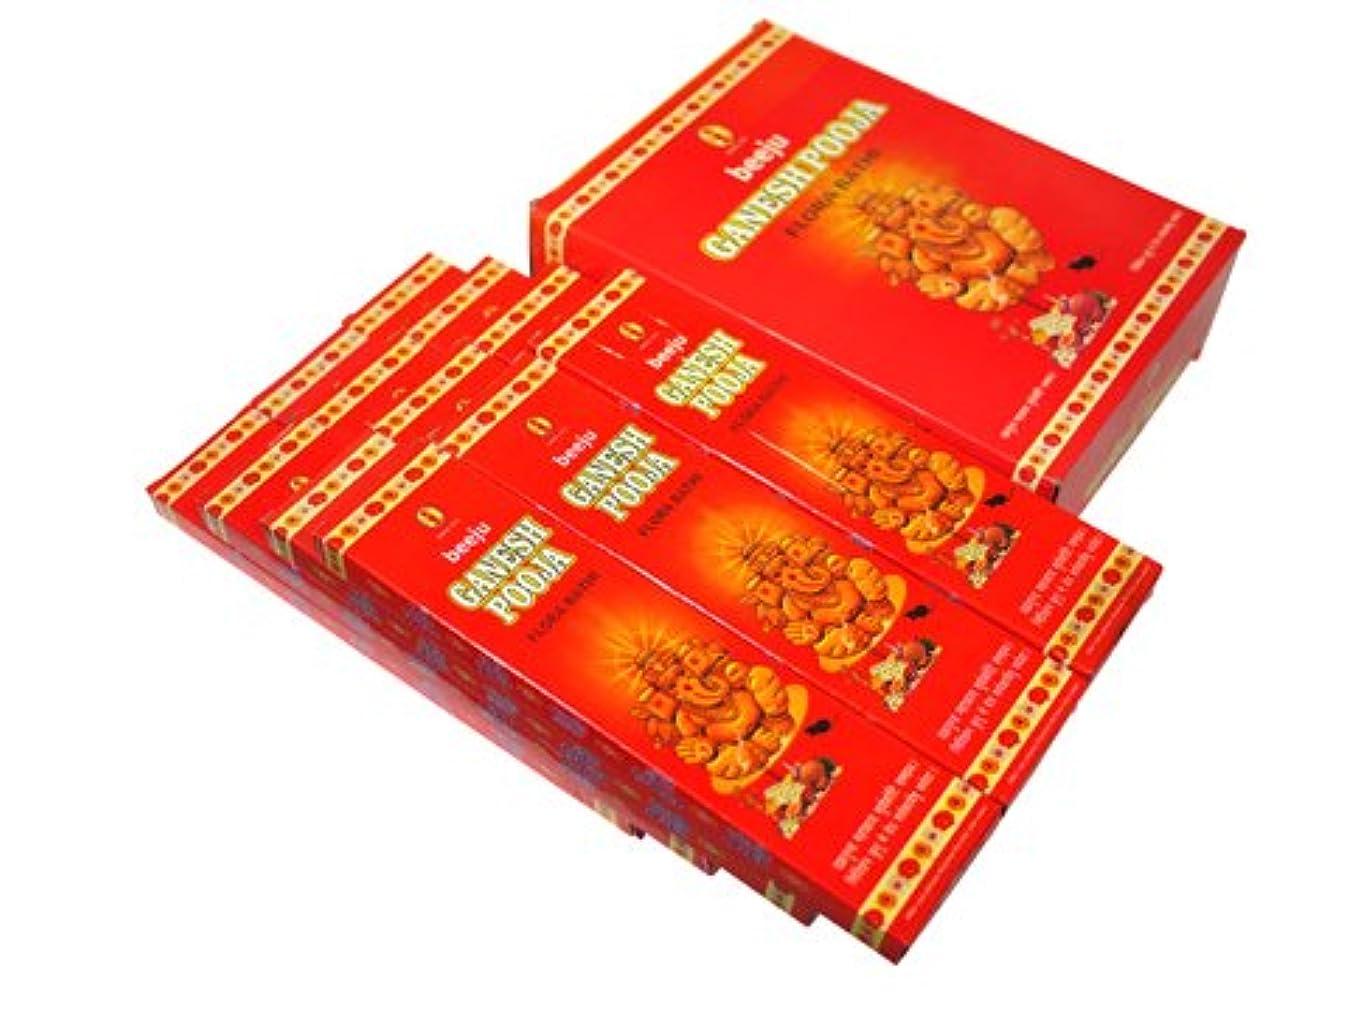 累計ブレークミキサーBEEJU(ベージュ) ガネーシャプージャ香 スティック GANESH POOJA 12箱セット